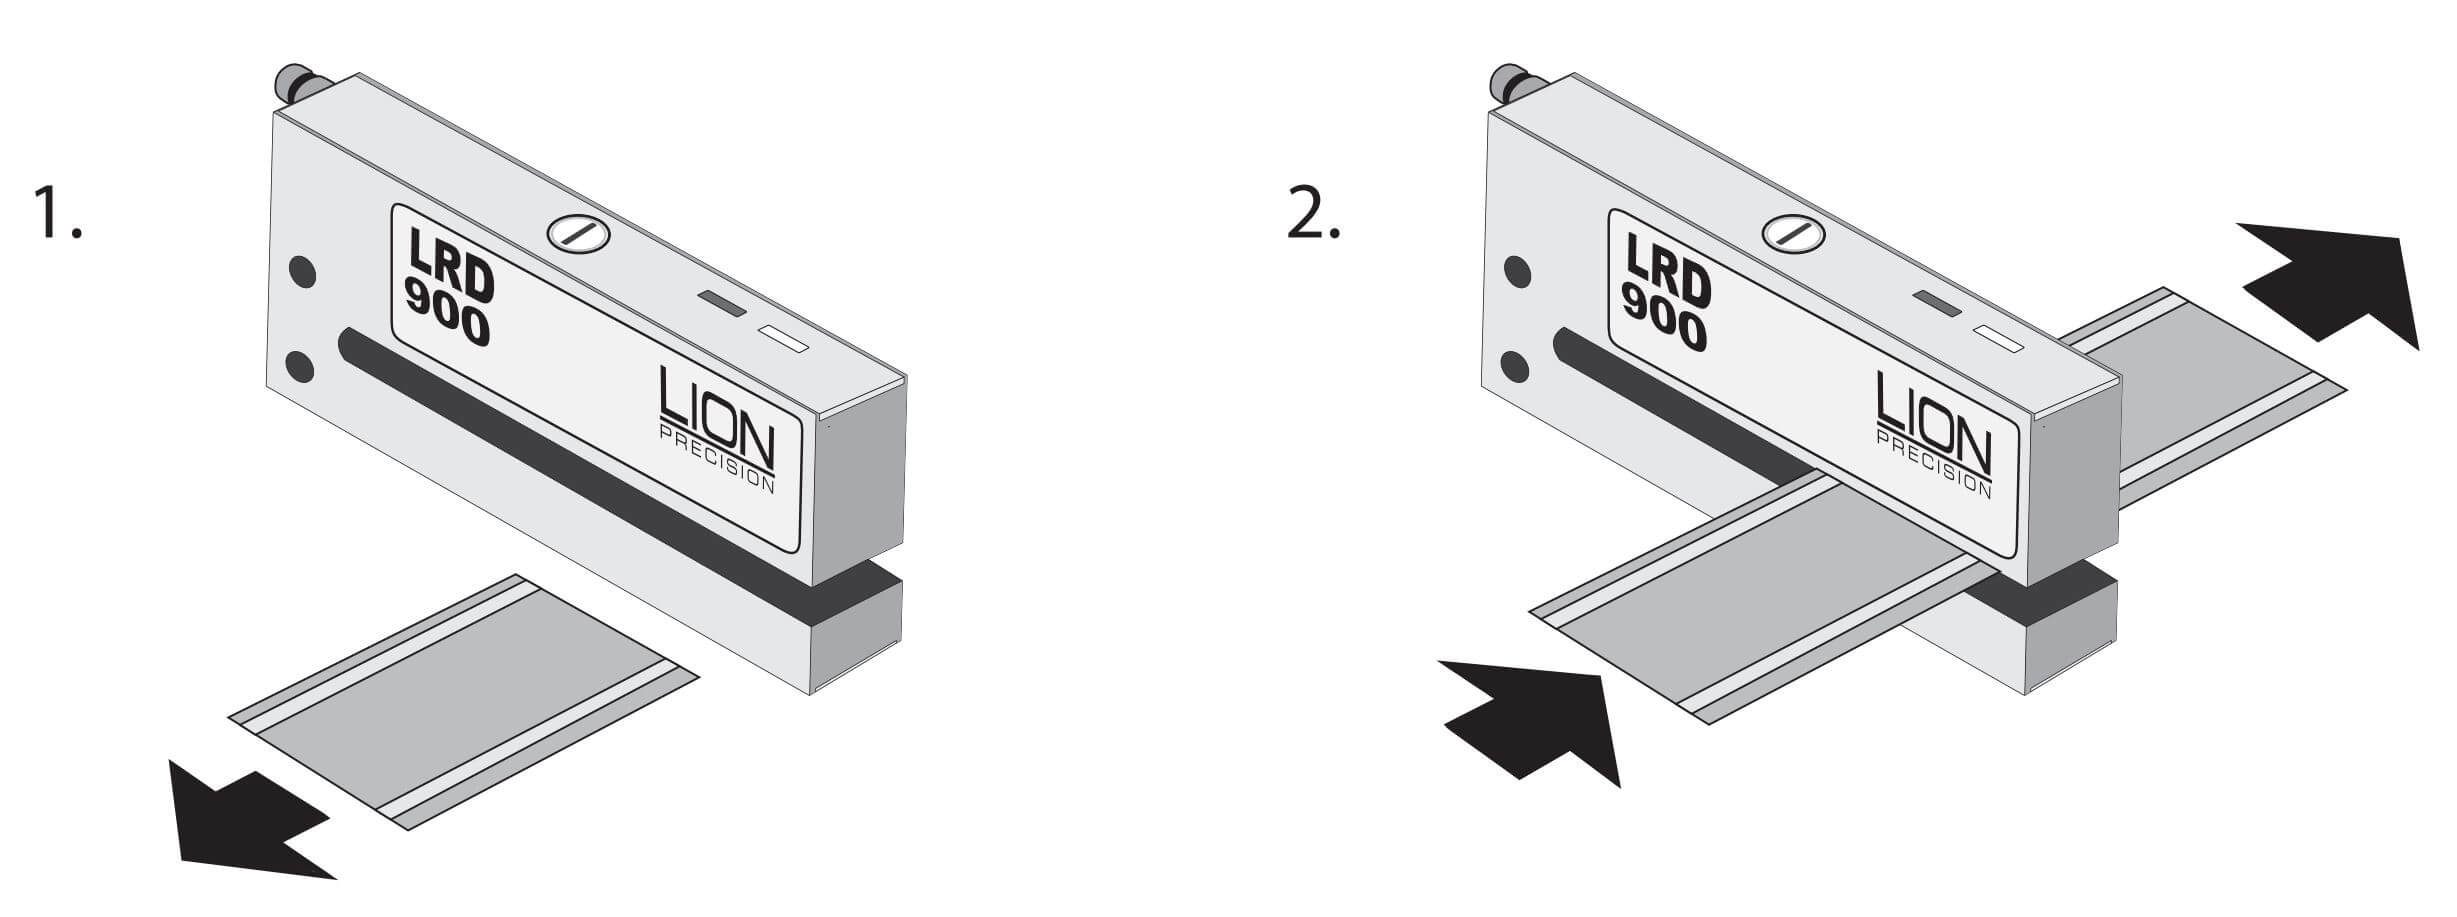 LRD900 Schritt 1